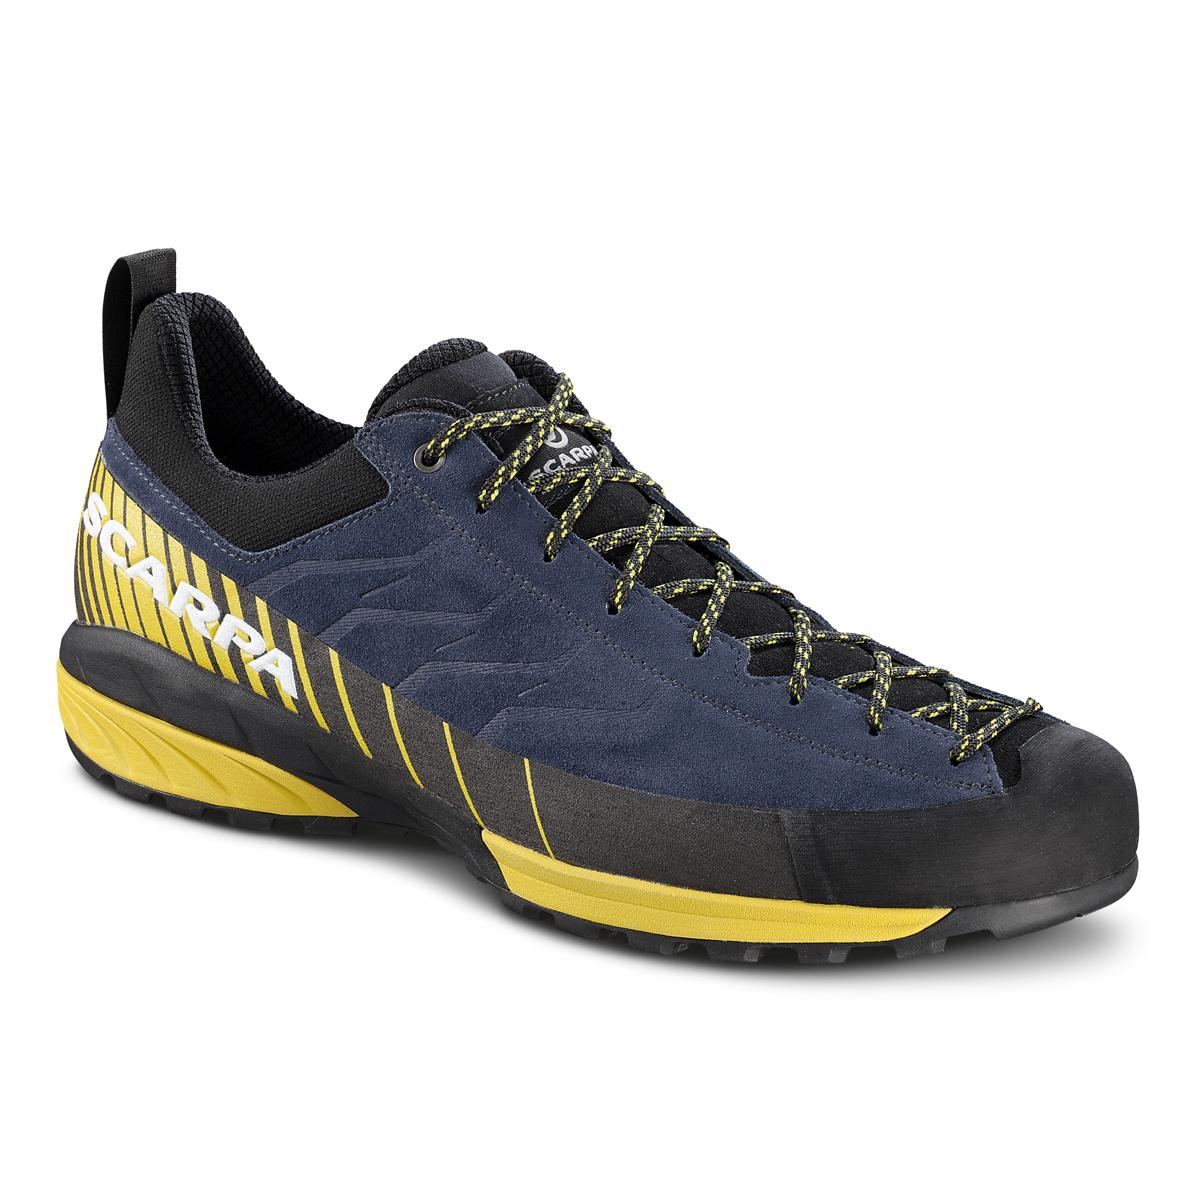 アプローチシューズ【スカルパ SCARPA メスカリート】SC21016 送料無料 登山靴